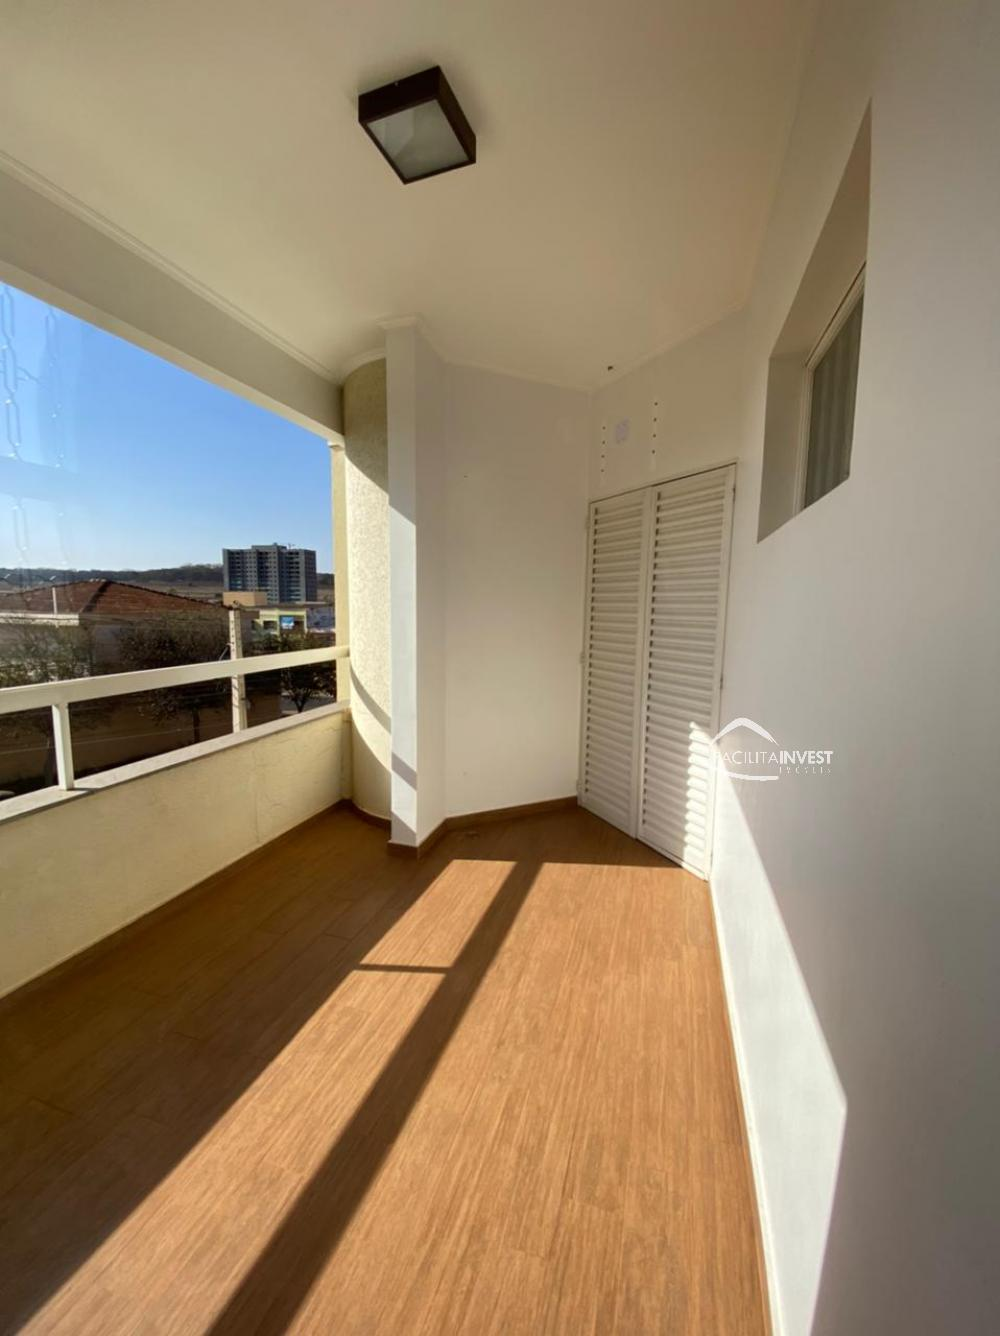 Comprar Apartamentos / Apart. Padrão em Ribeirão Preto R$ 350.000,00 - Foto 5